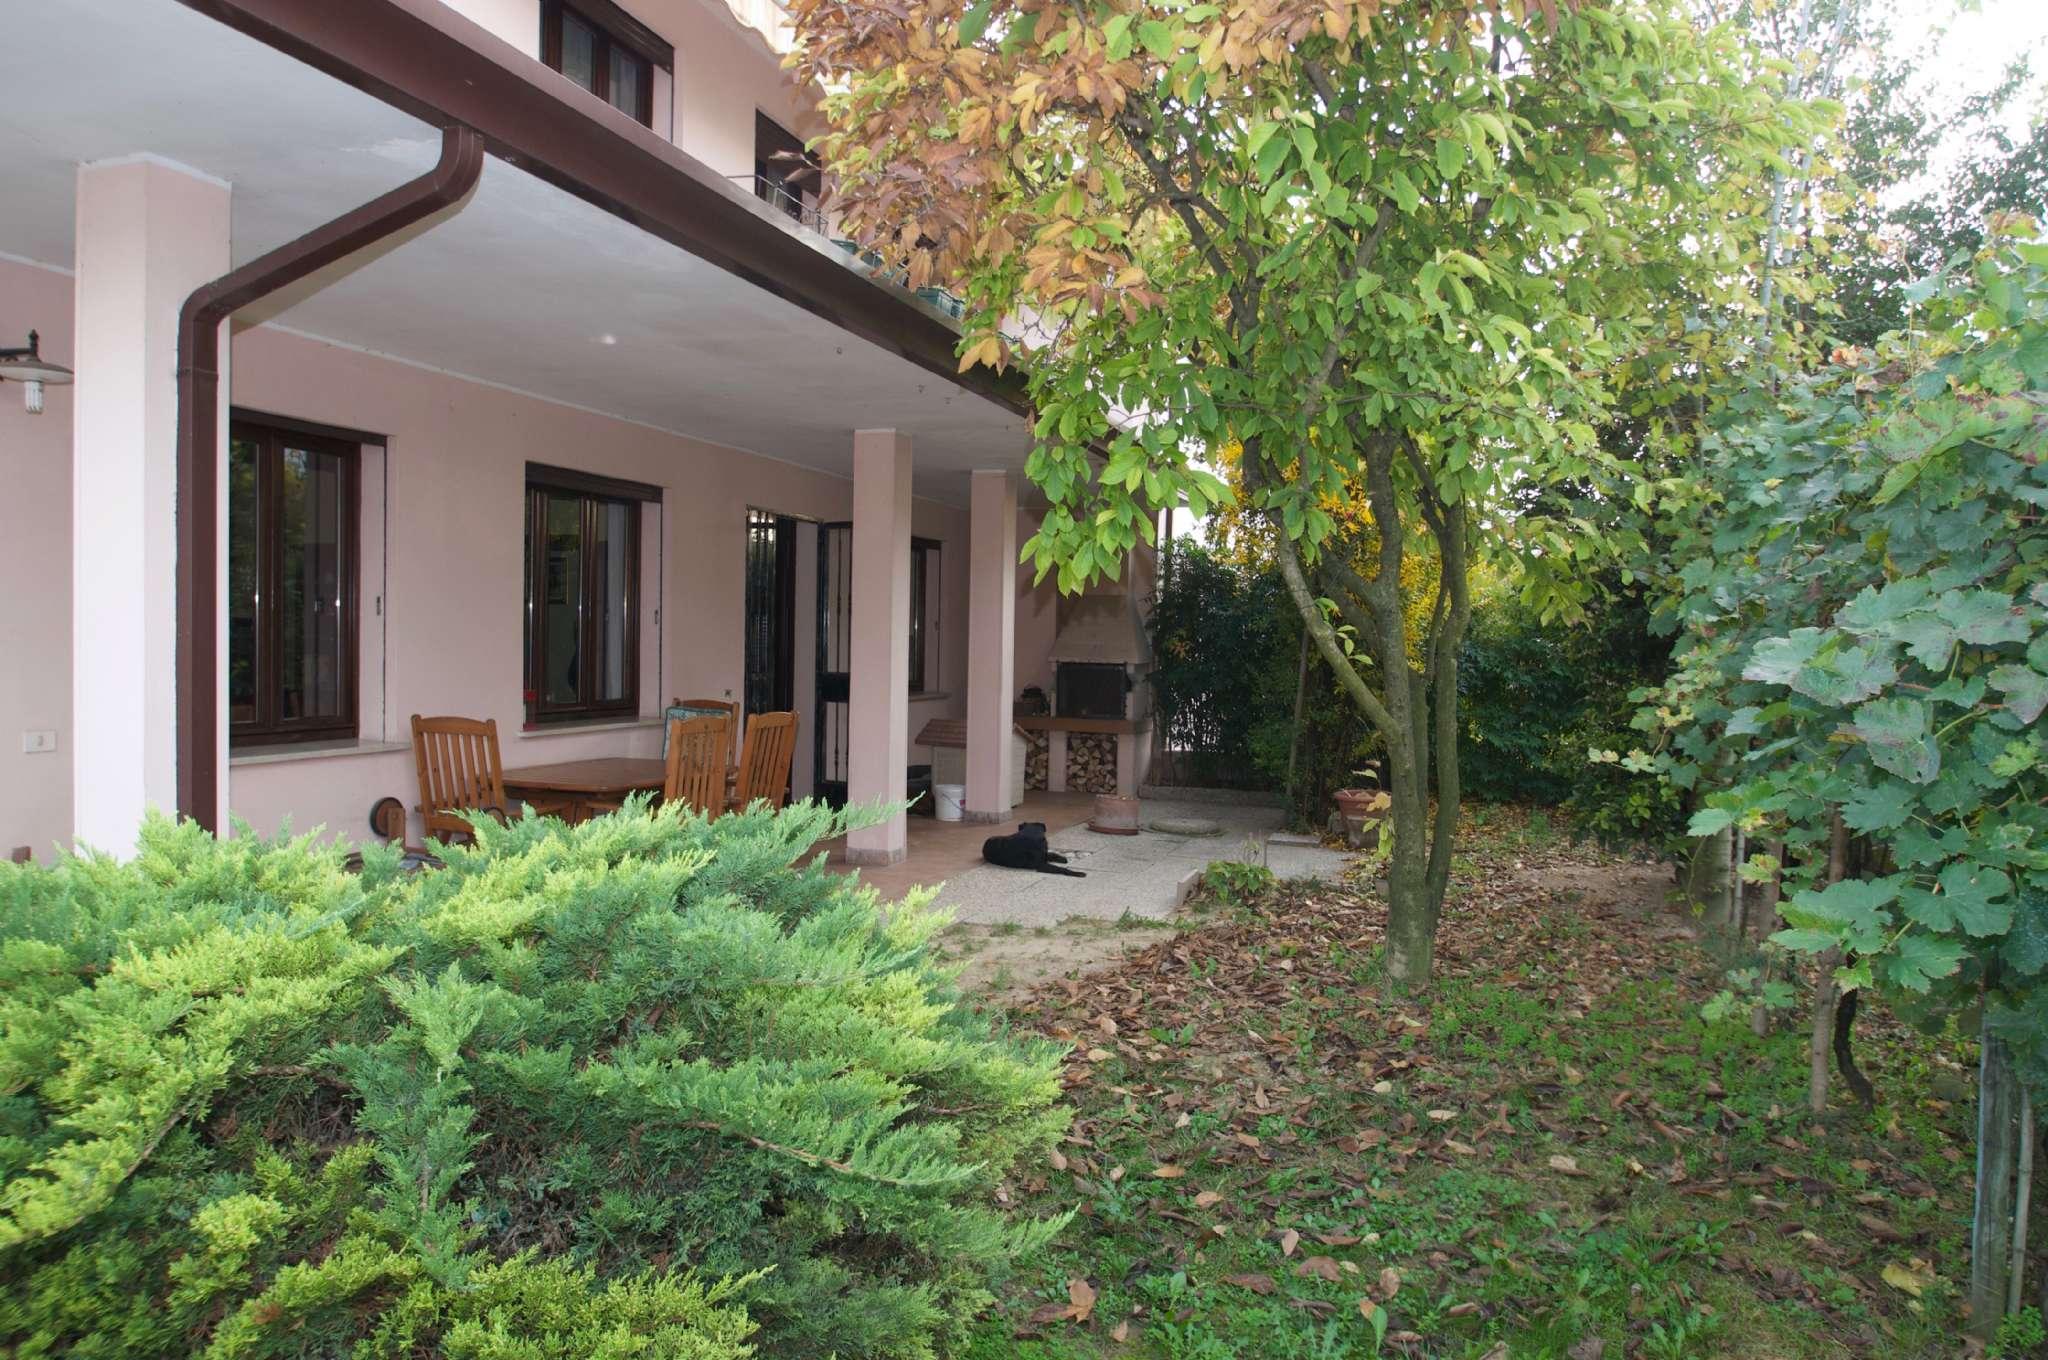 Villa Bifamiliare in Vendita a Maserà di Padova